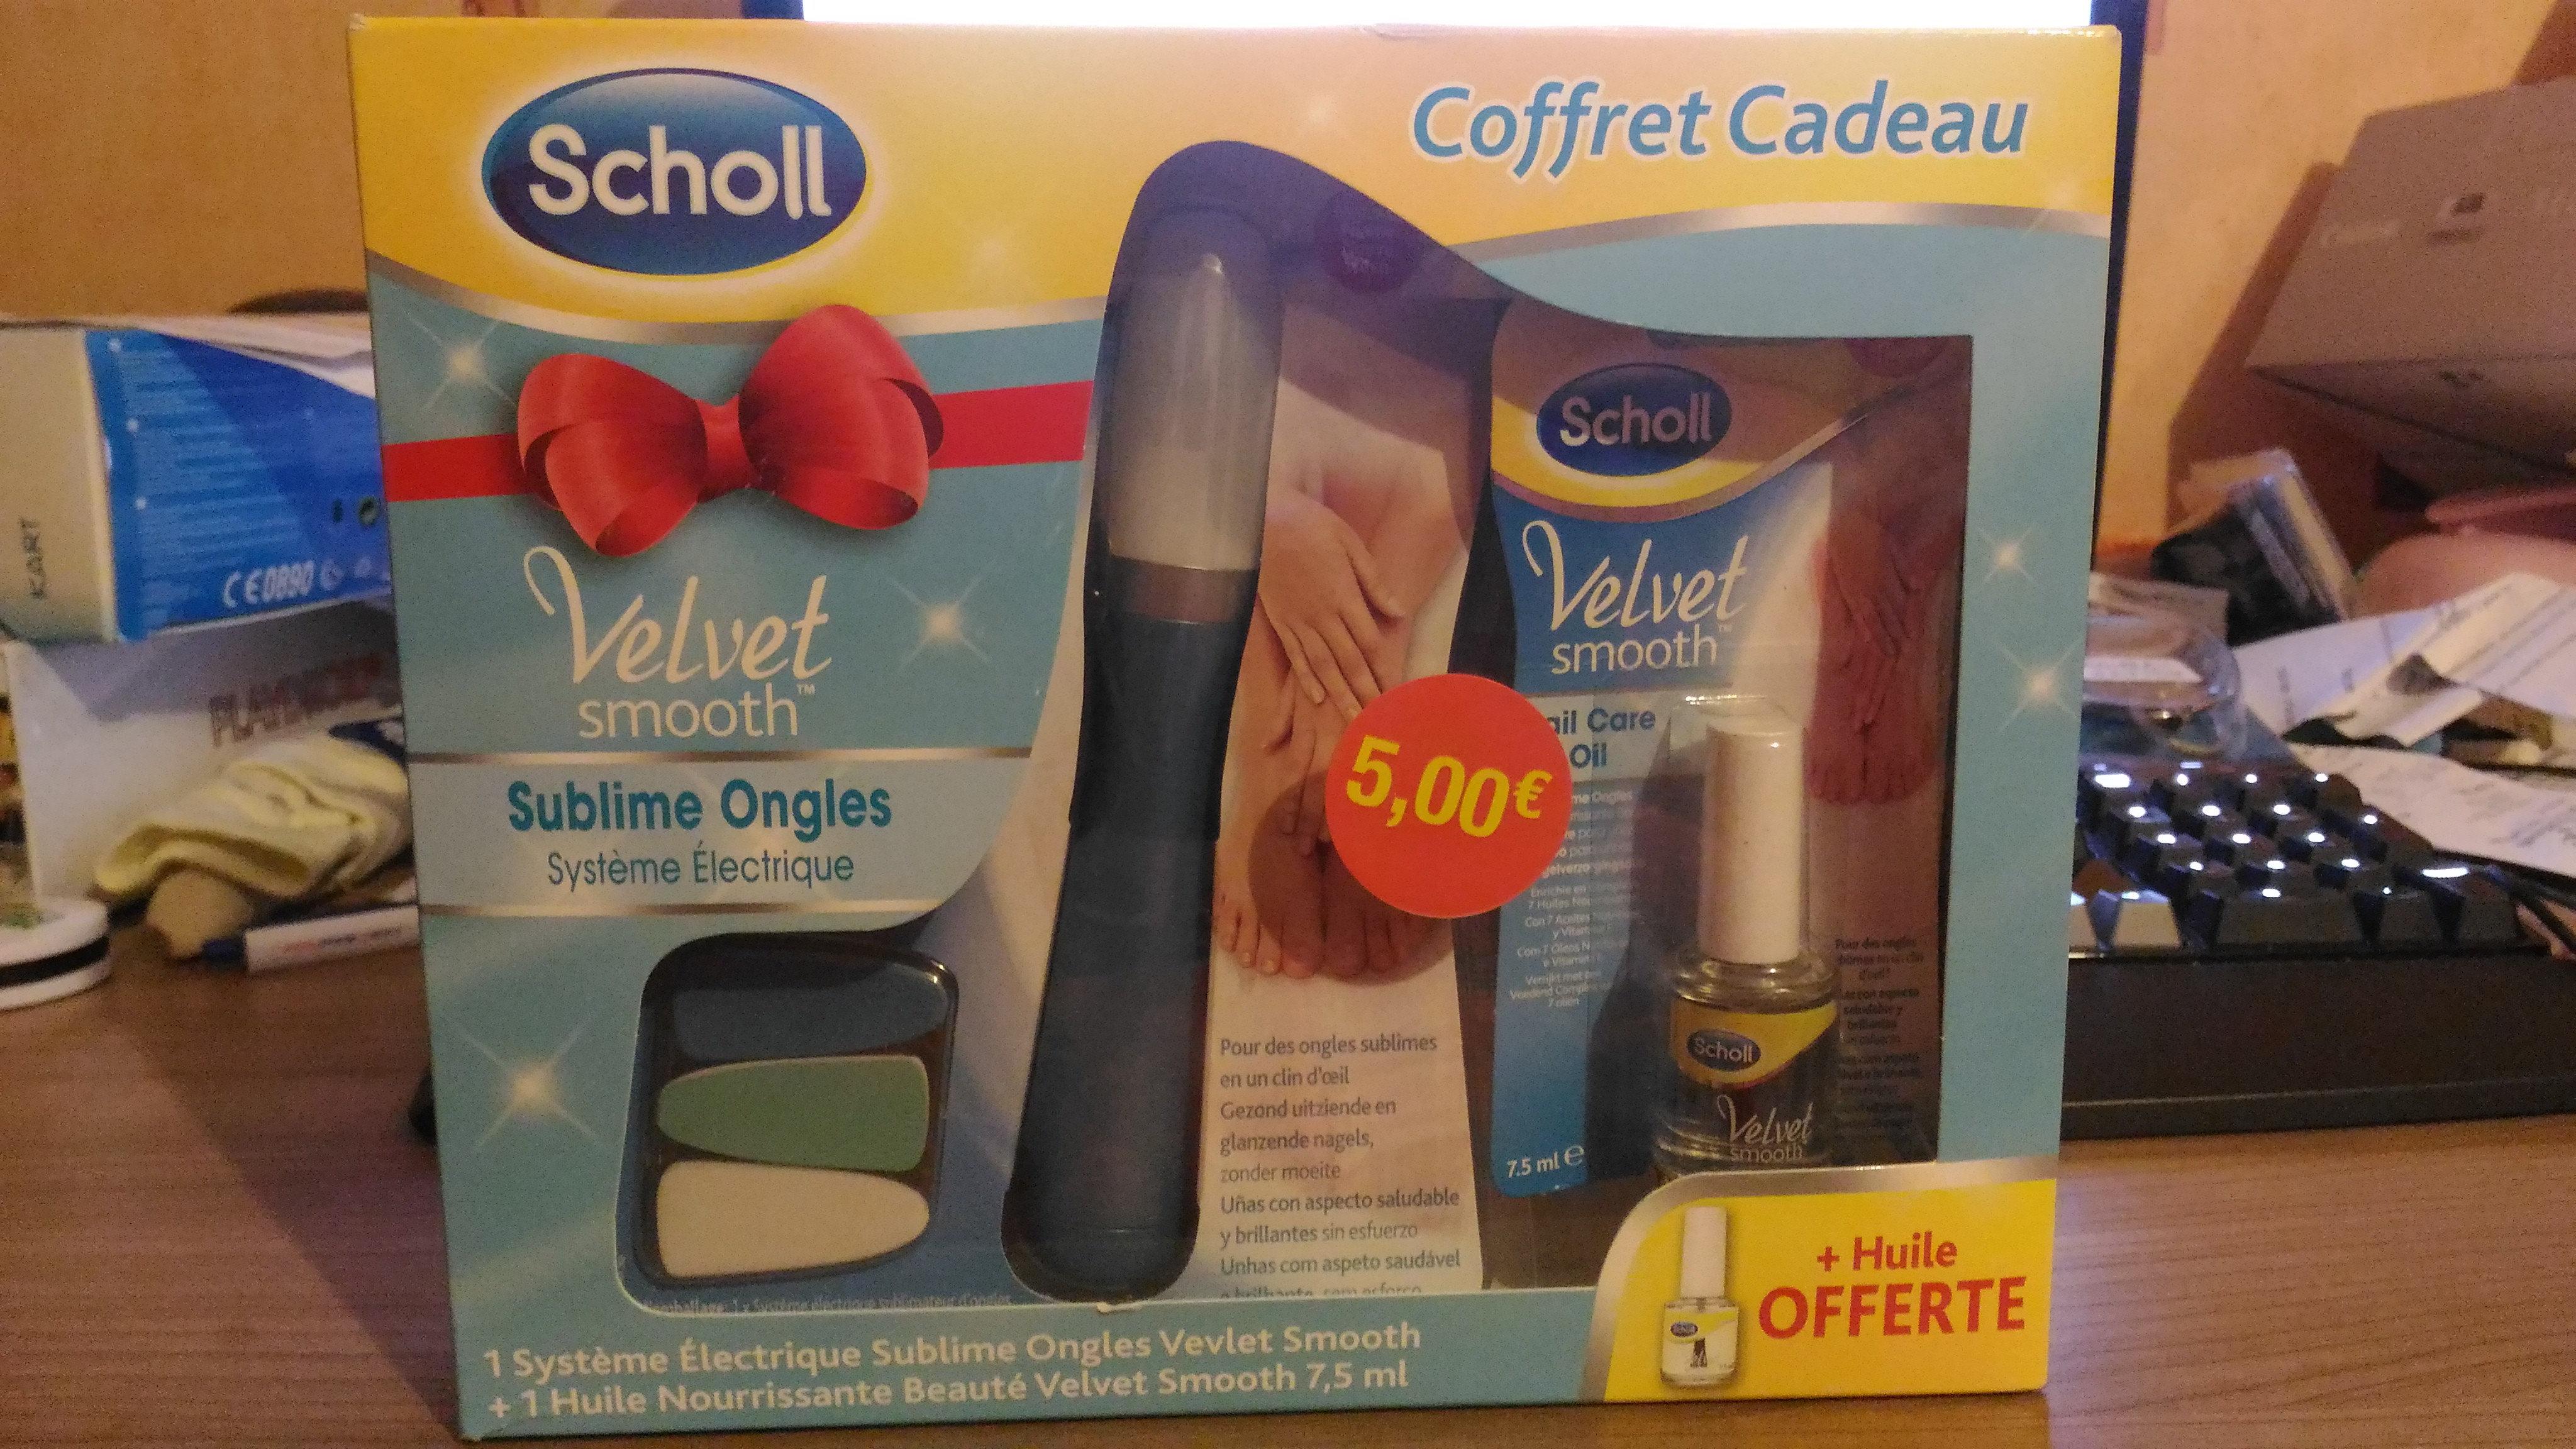 Coffret cadeau Scholl sublime ongles - Hyper U Blain (44)